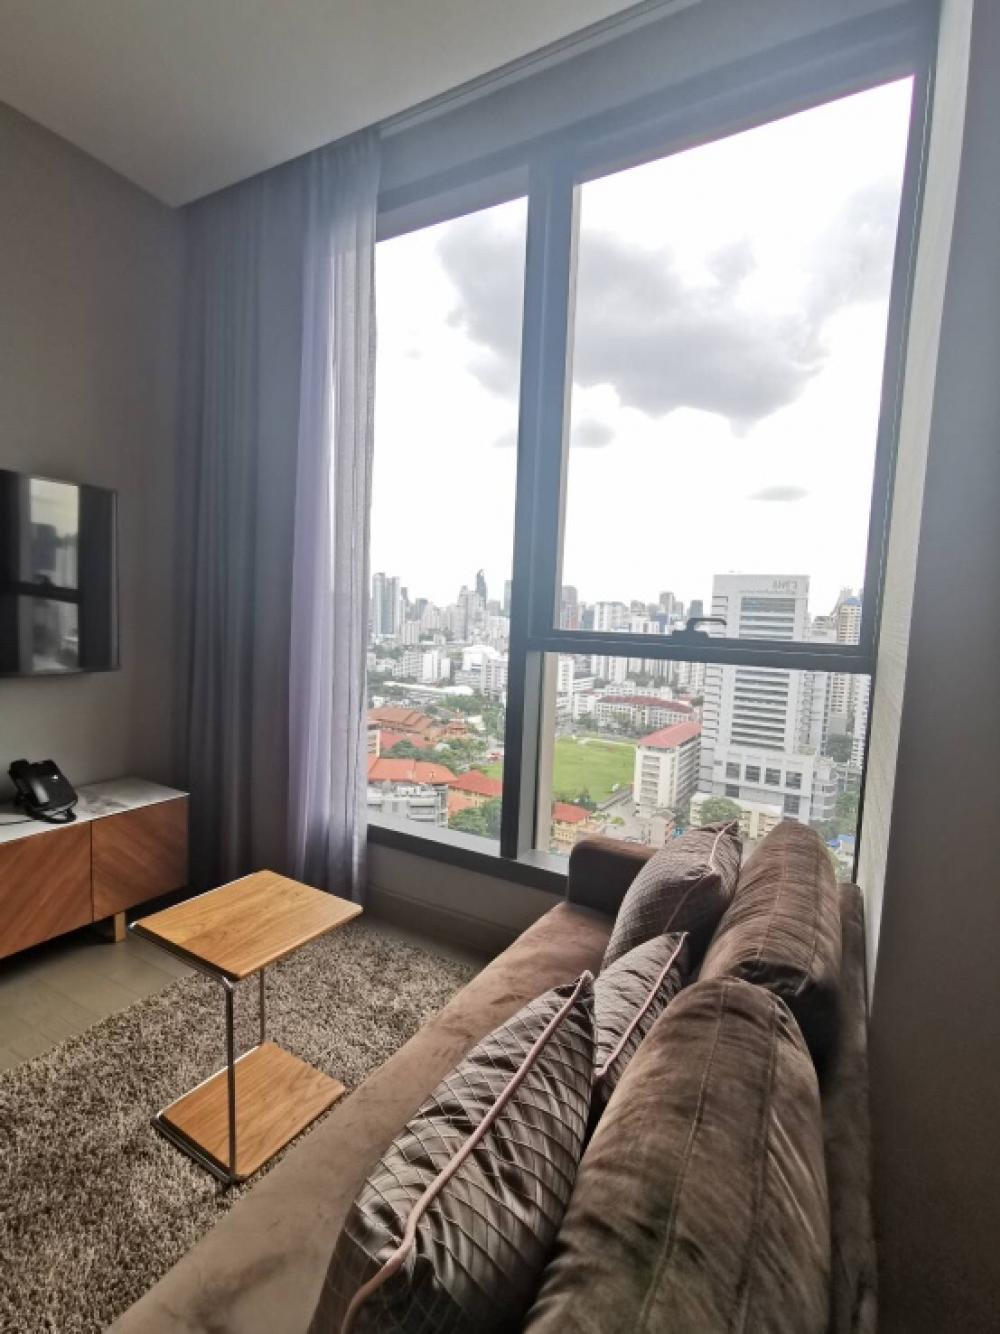 เช่าคอนโดพระราม 9 เพชรบุรีตัดใหม่ : วิวสวย For rent The Esse at Singha Complex ห้องใหญ่ ชั้น 24 วิวเมือง